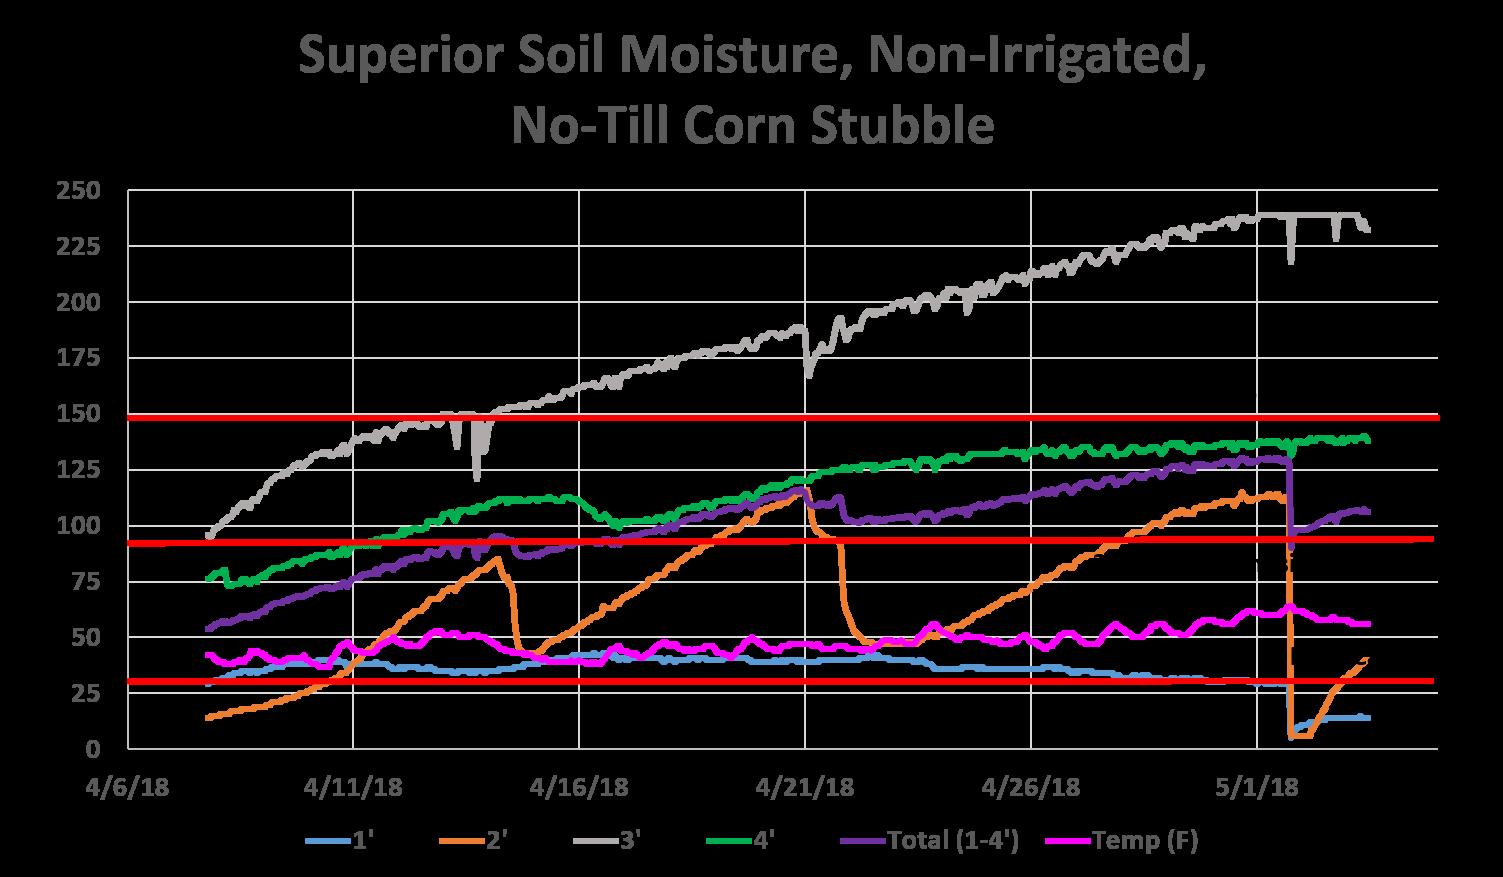 Superior 5-3-18